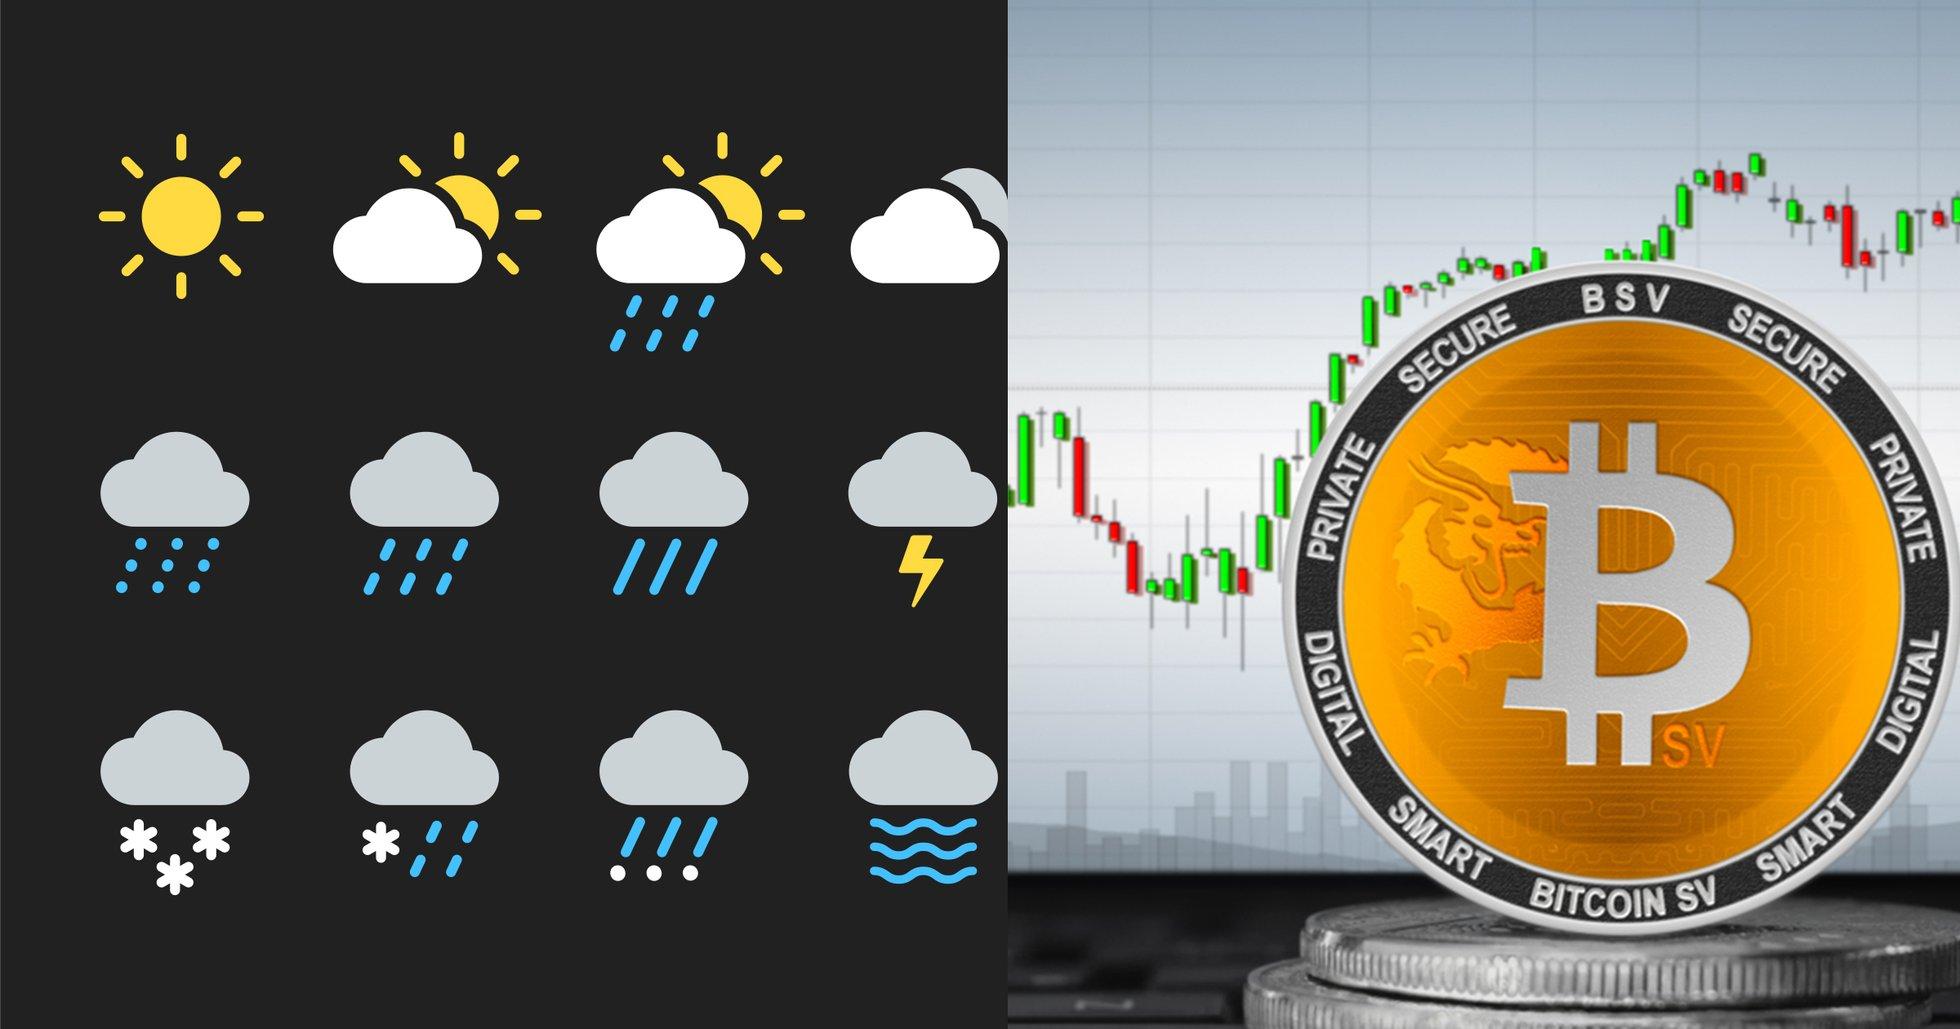 98 procent av alla bitcoin sv-transaktioner gjordes i väderapp